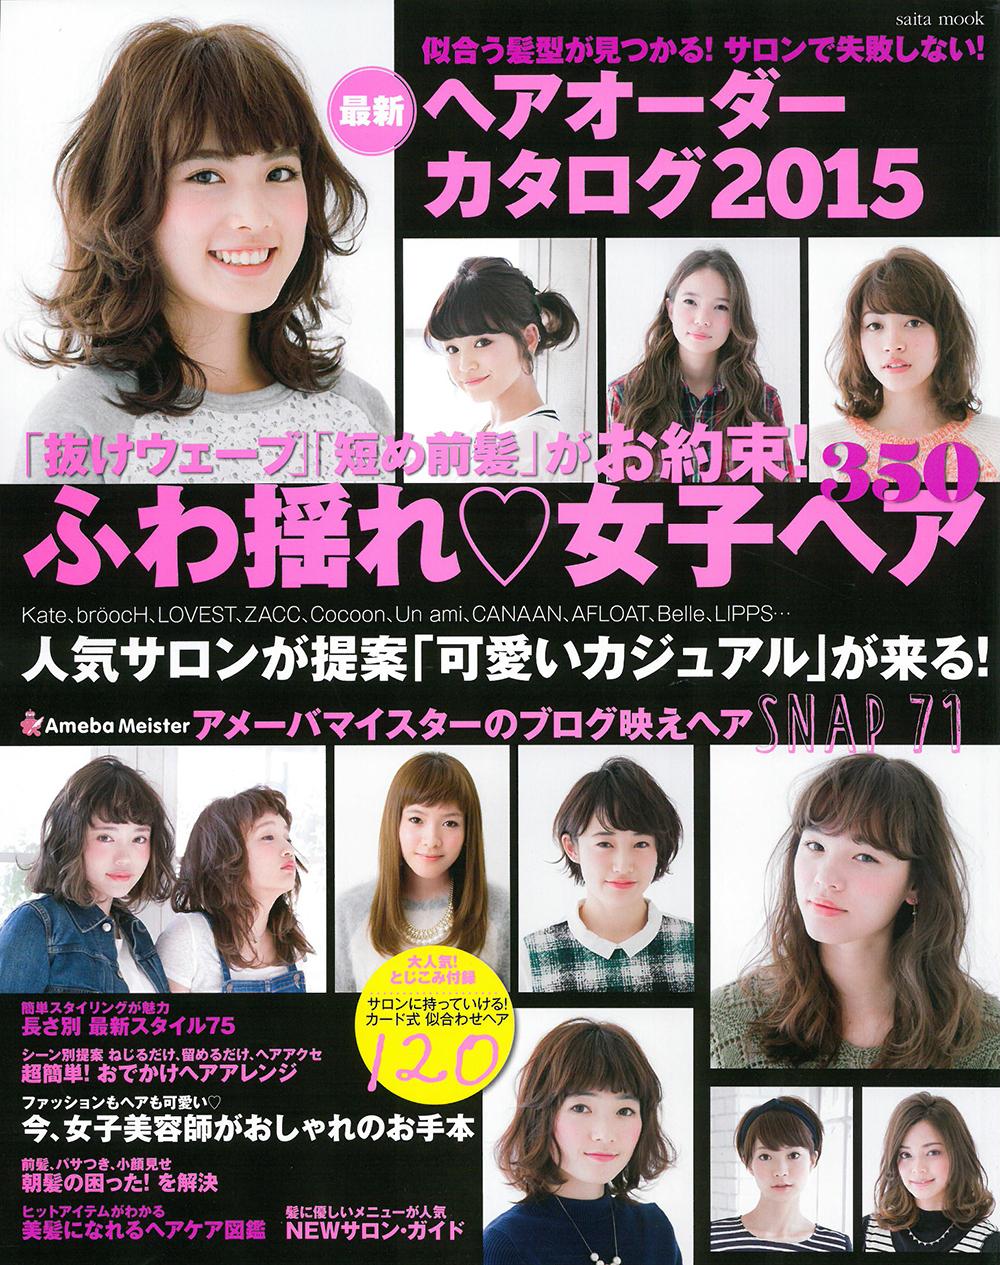 「最新ヘアオーダーカタログ2015」にK-twoのヘアスタイルが掲載されました。3